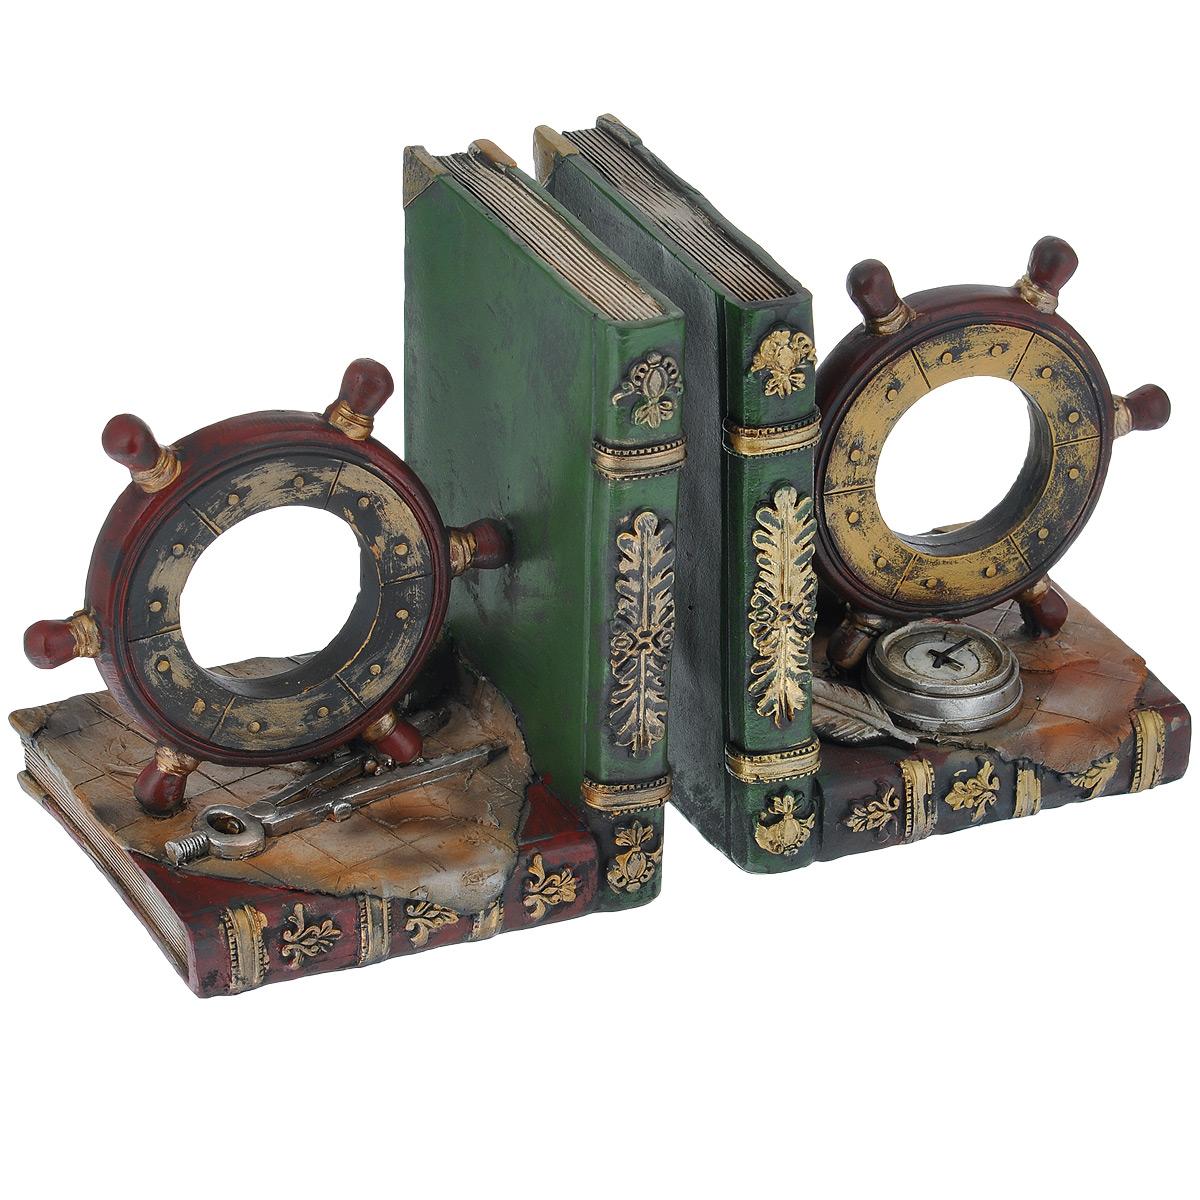 Декоративная подставка-ограничитель для книг Феникс-презент Штурвал, 2 шт ограничители для книг magic home ограничитель для книг эйфелева башня